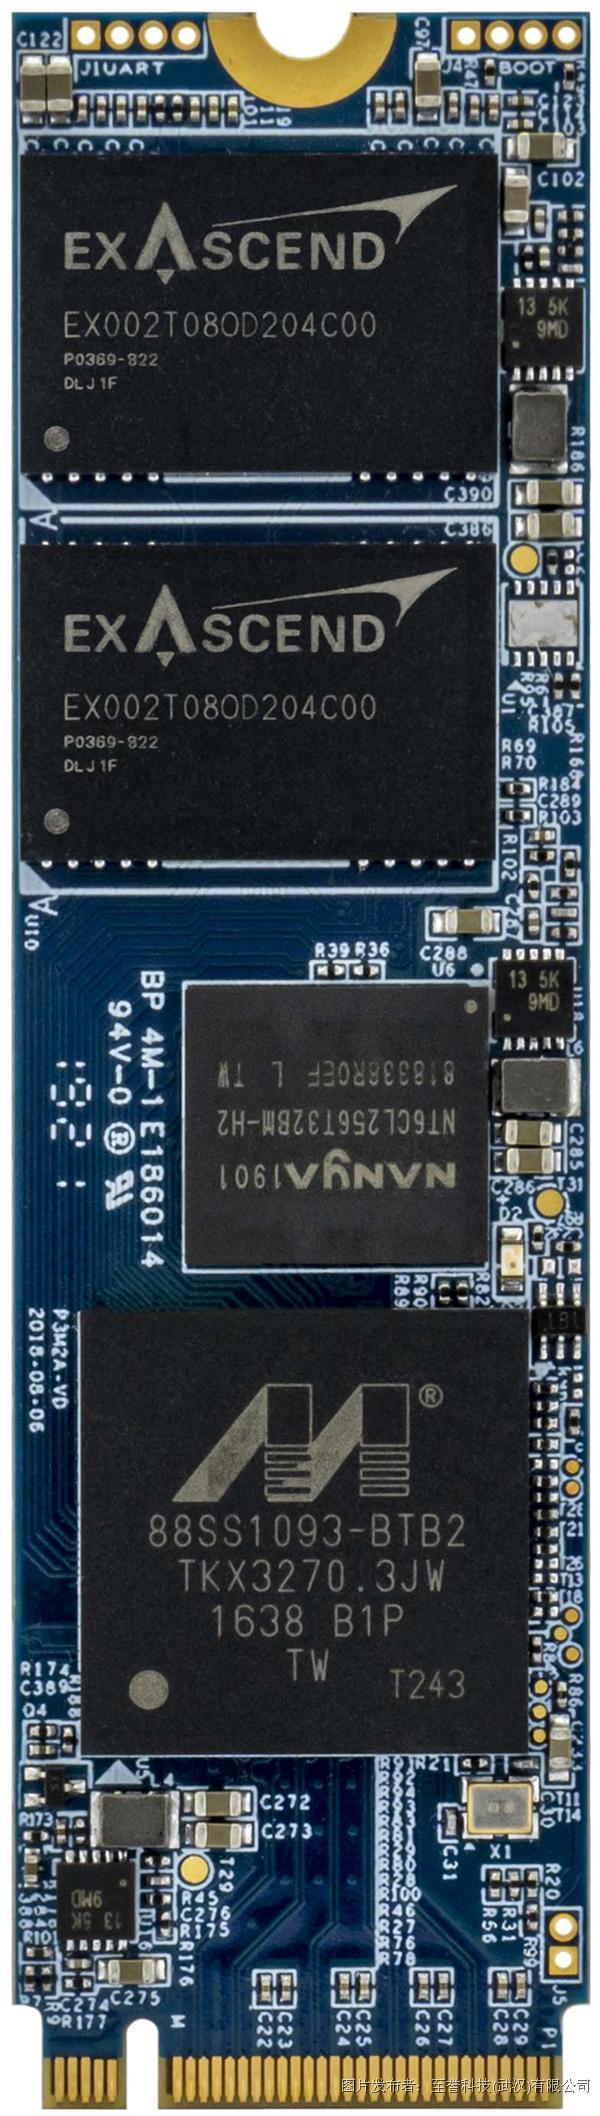 至譽科技   消費級SSD  PCIe Gen3x4   PC3 系列